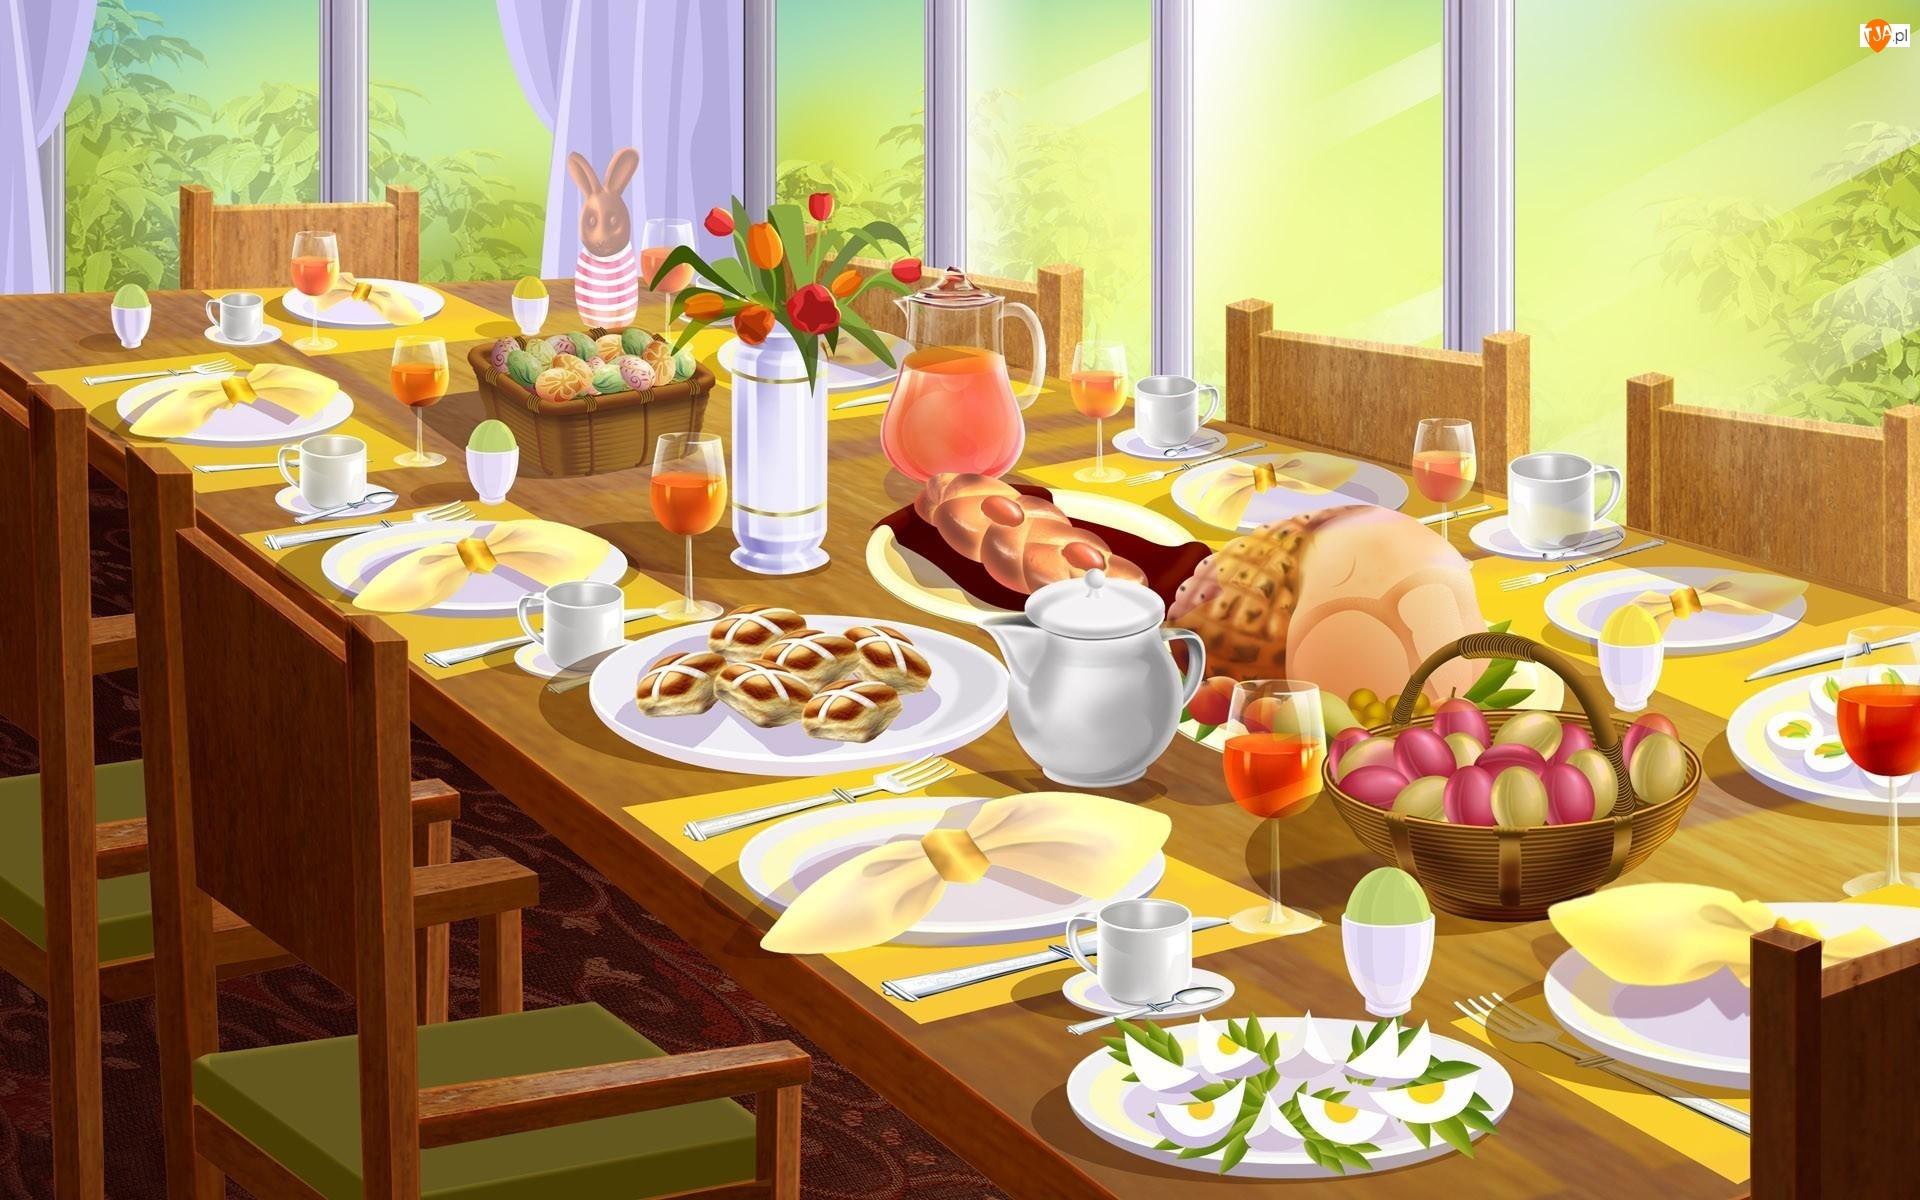 Potrawy, Wielkanoc, Śniadanie, Stół